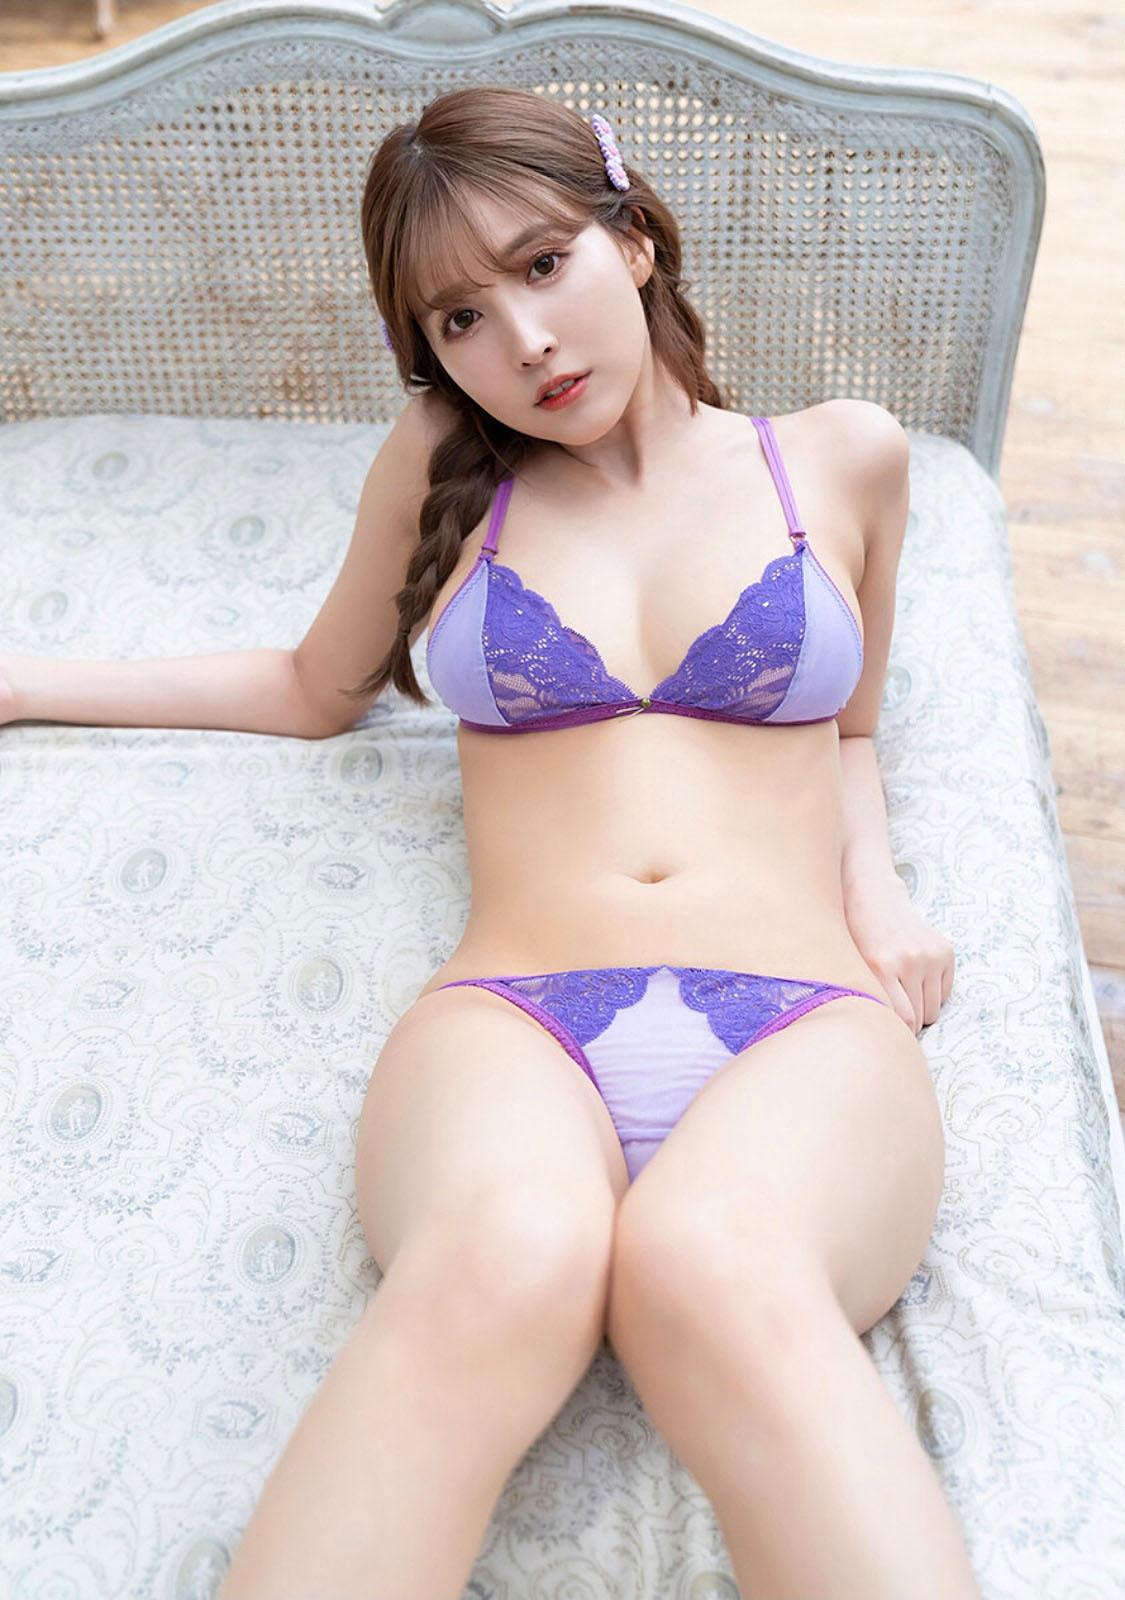 YMikami Harem 32 2021 23.jpg